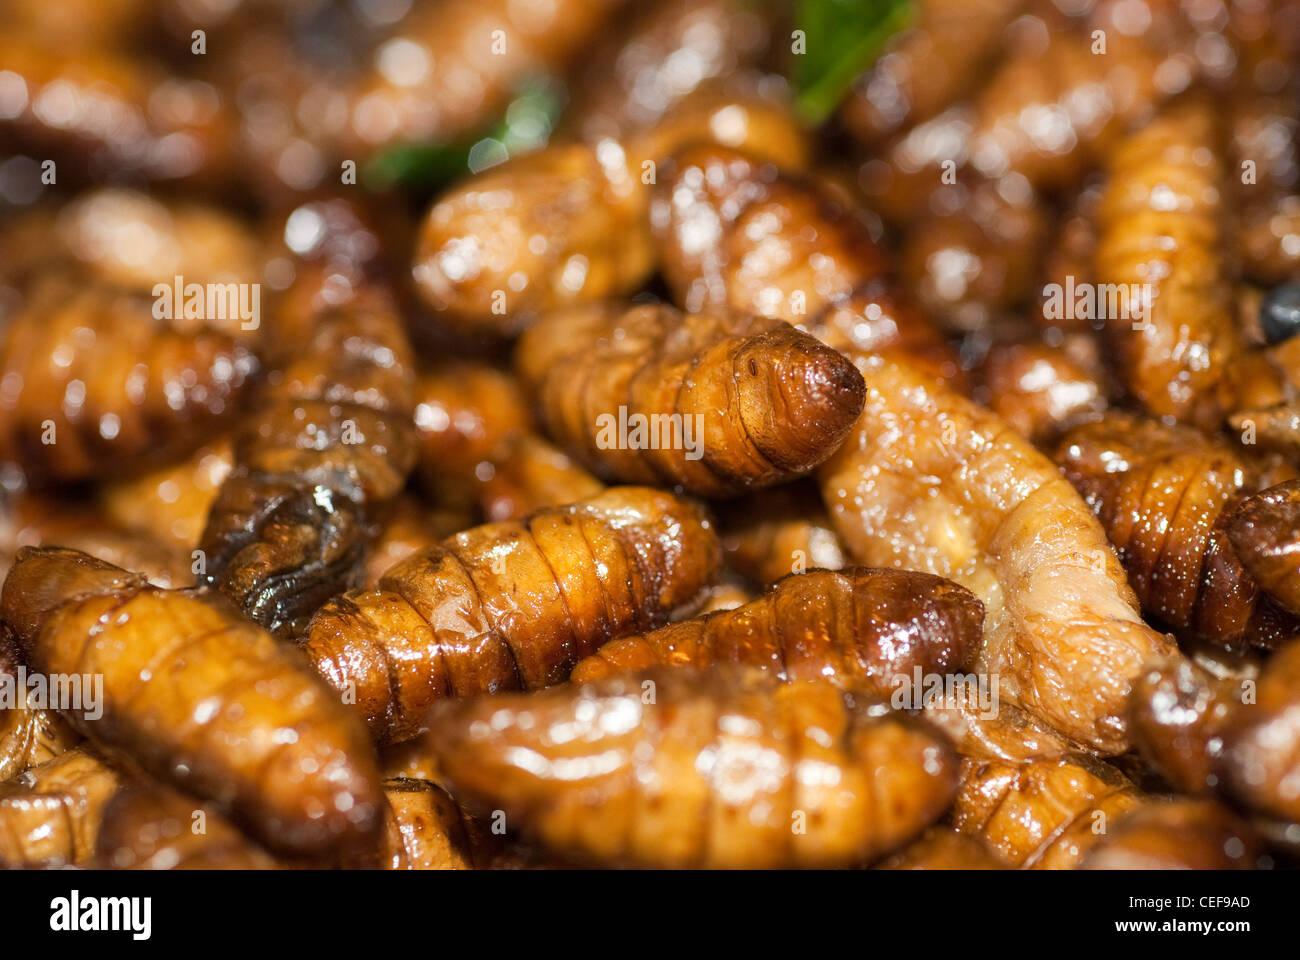 interessante insekten essen von einem lokalen markt in phuket thailand stockfoto bild 43362549. Black Bedroom Furniture Sets. Home Design Ideas